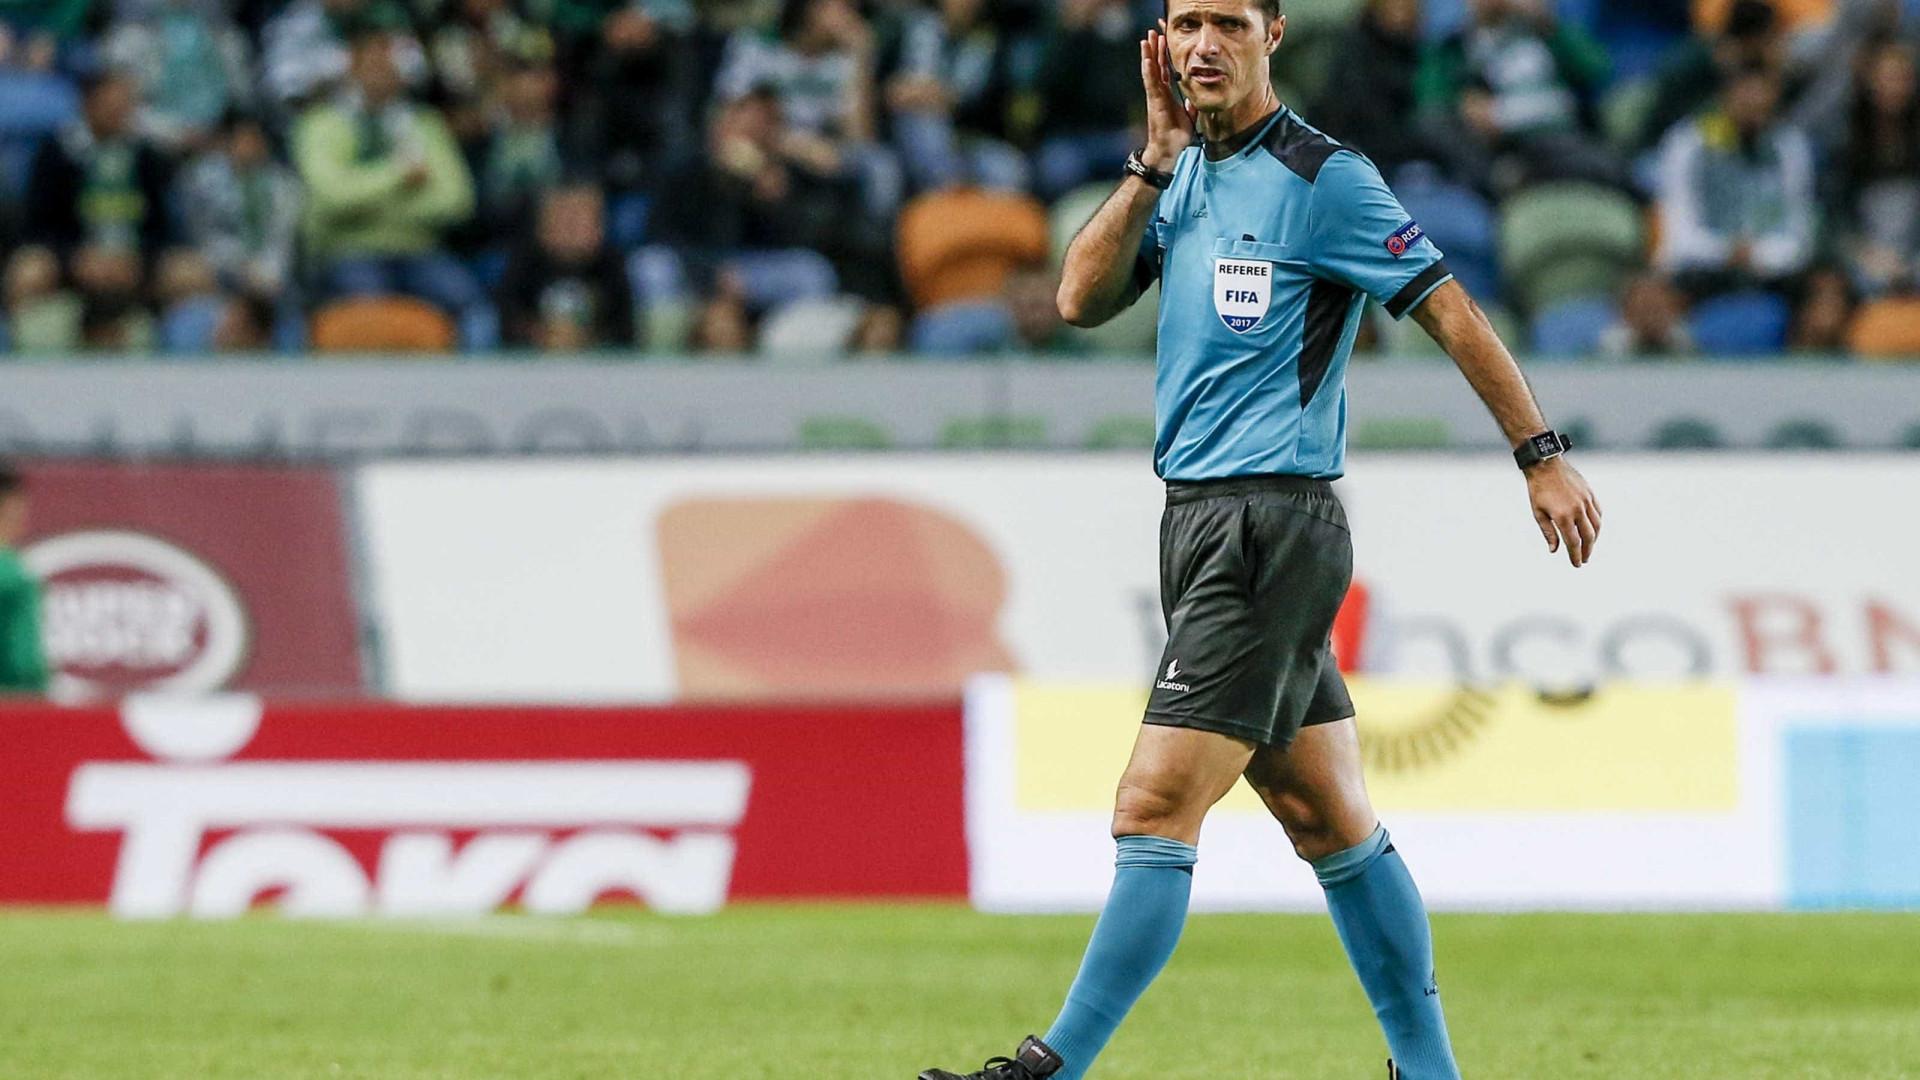 Carlos Xistra nomeado para apitar o Marítimo-FC Porto